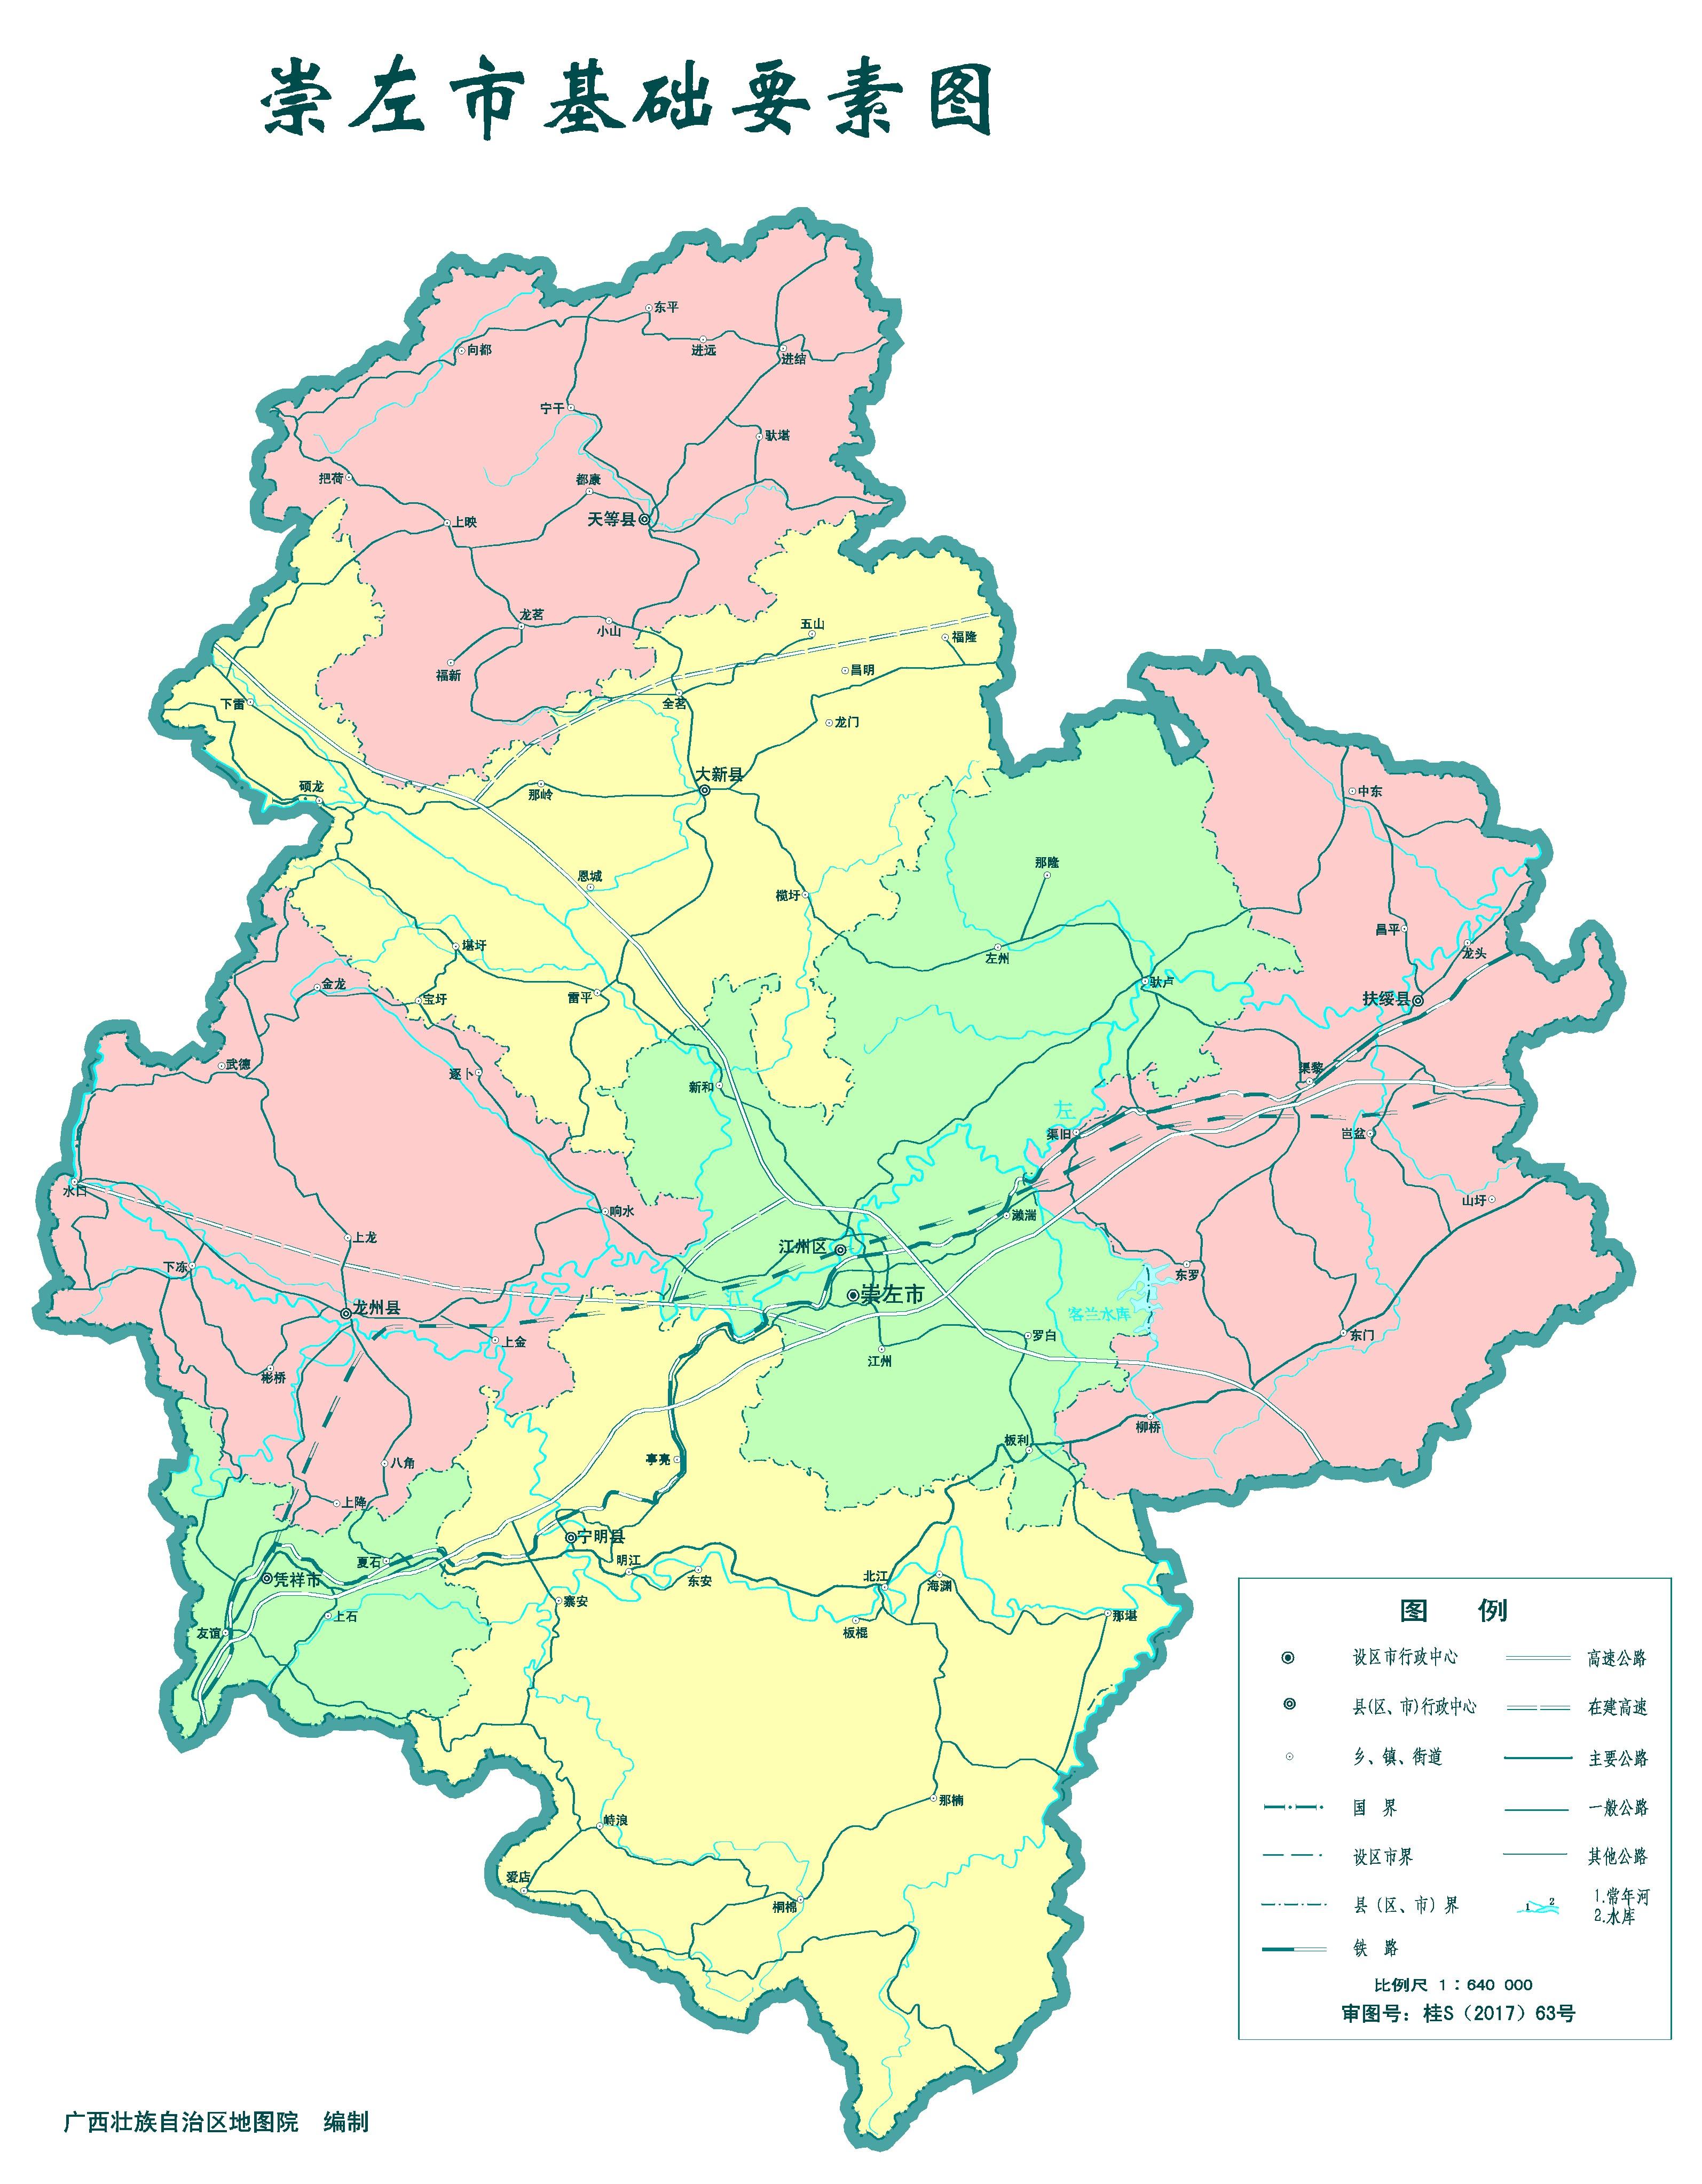 广西防城港旅游地图_崇左市标准地图(基础要素版)_崇左地图库_地图窝